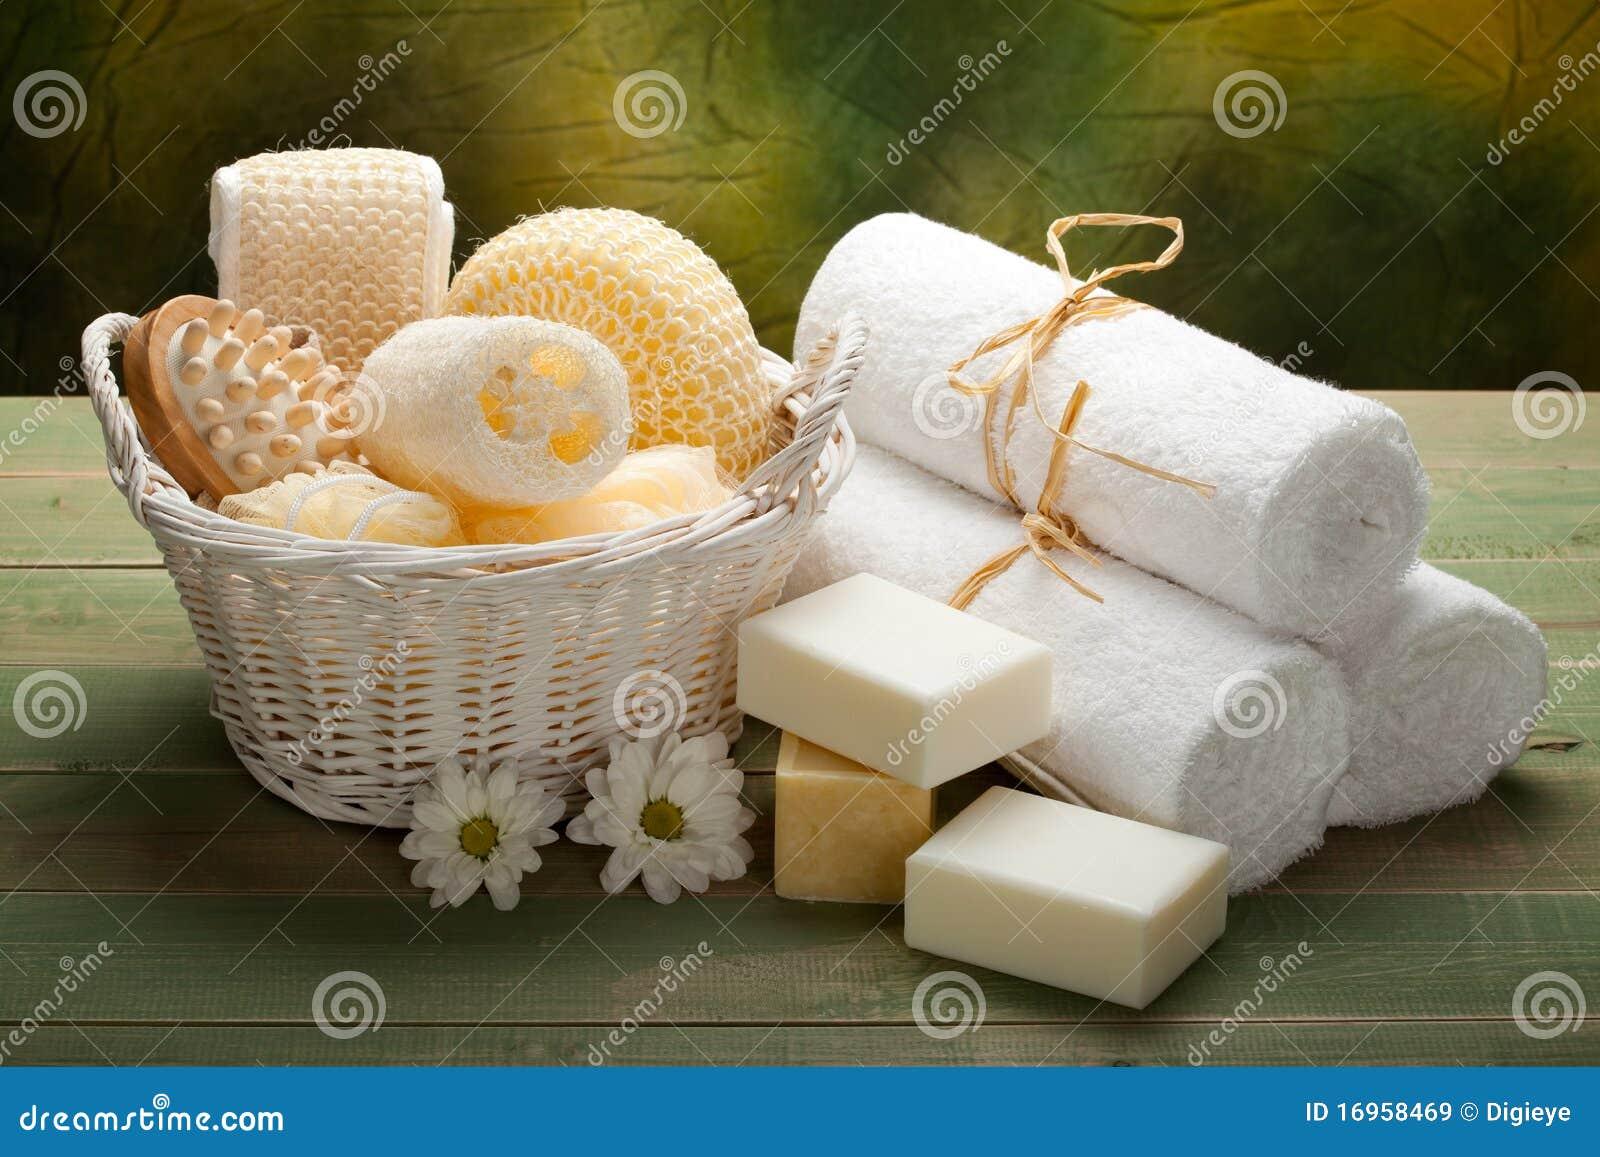 Station thermale essuie main savon et accessoire blancs de massage images - Accessoire de massage ...